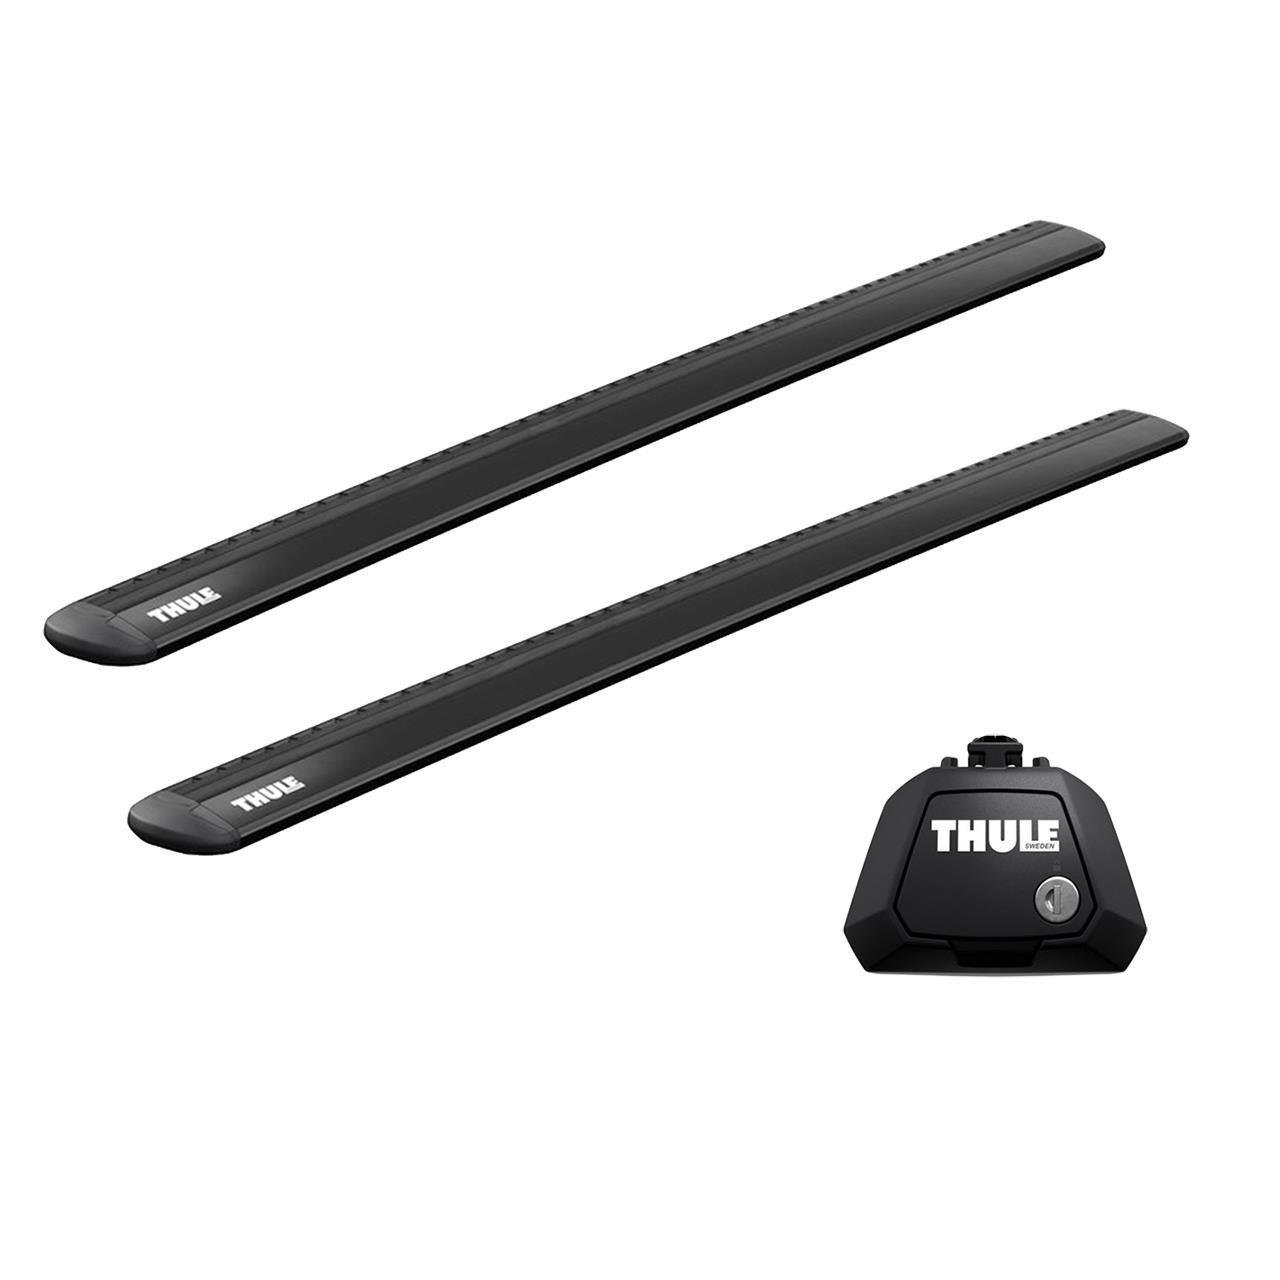 Напречни греди Thule Evo Raised Rail WingBar Evo 127cm в Черно за VOLVO XC70 5 врати Estate 00-02, 03-06, 07-16 с фабрични надлъжни греди с просвет 1